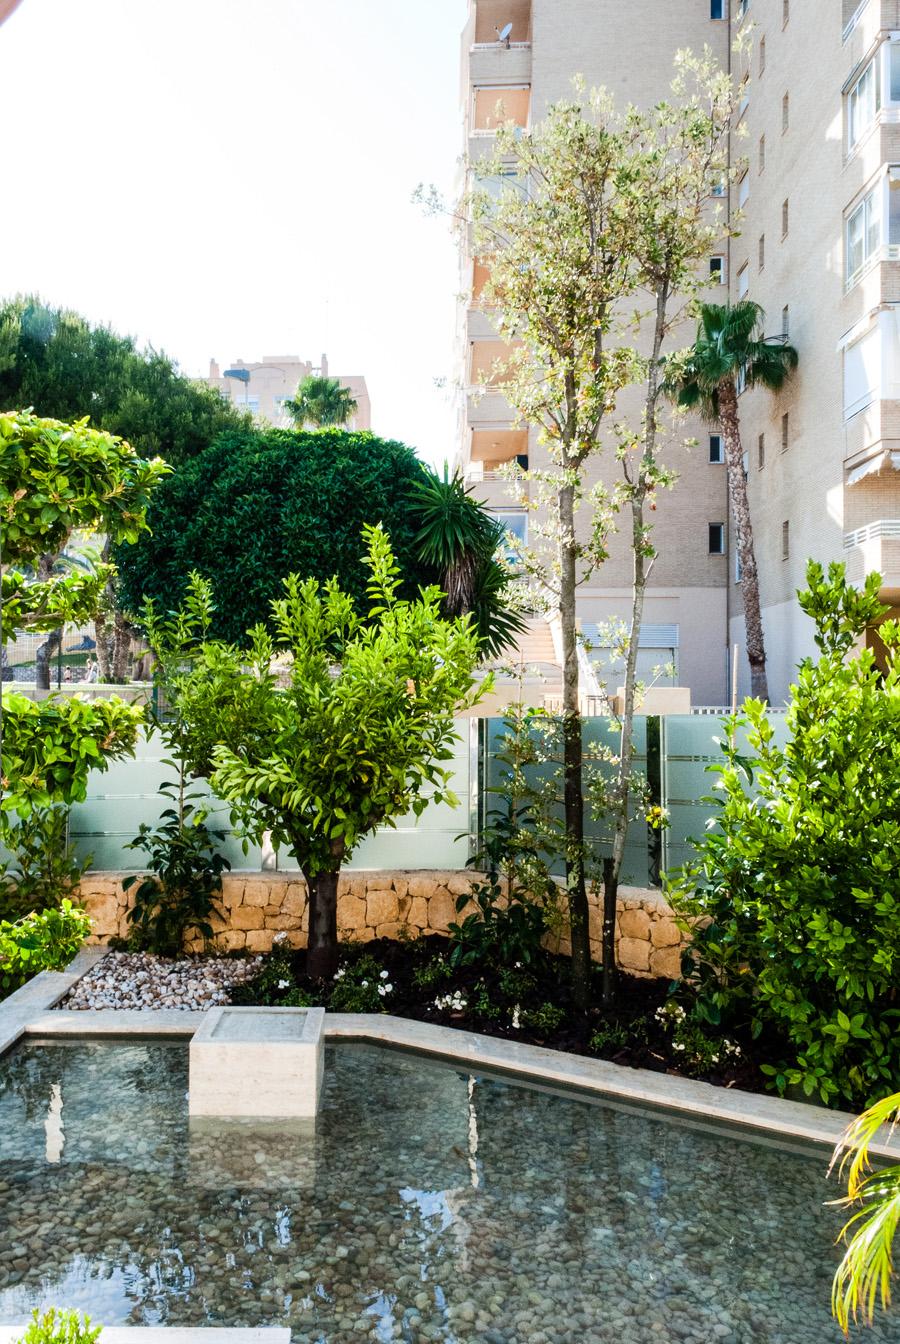 Diseno de jardin 2013 el rincon de amparo 12 david jim nez arquitectura y paisajismo en madrid - Diseno jardines madrid ...